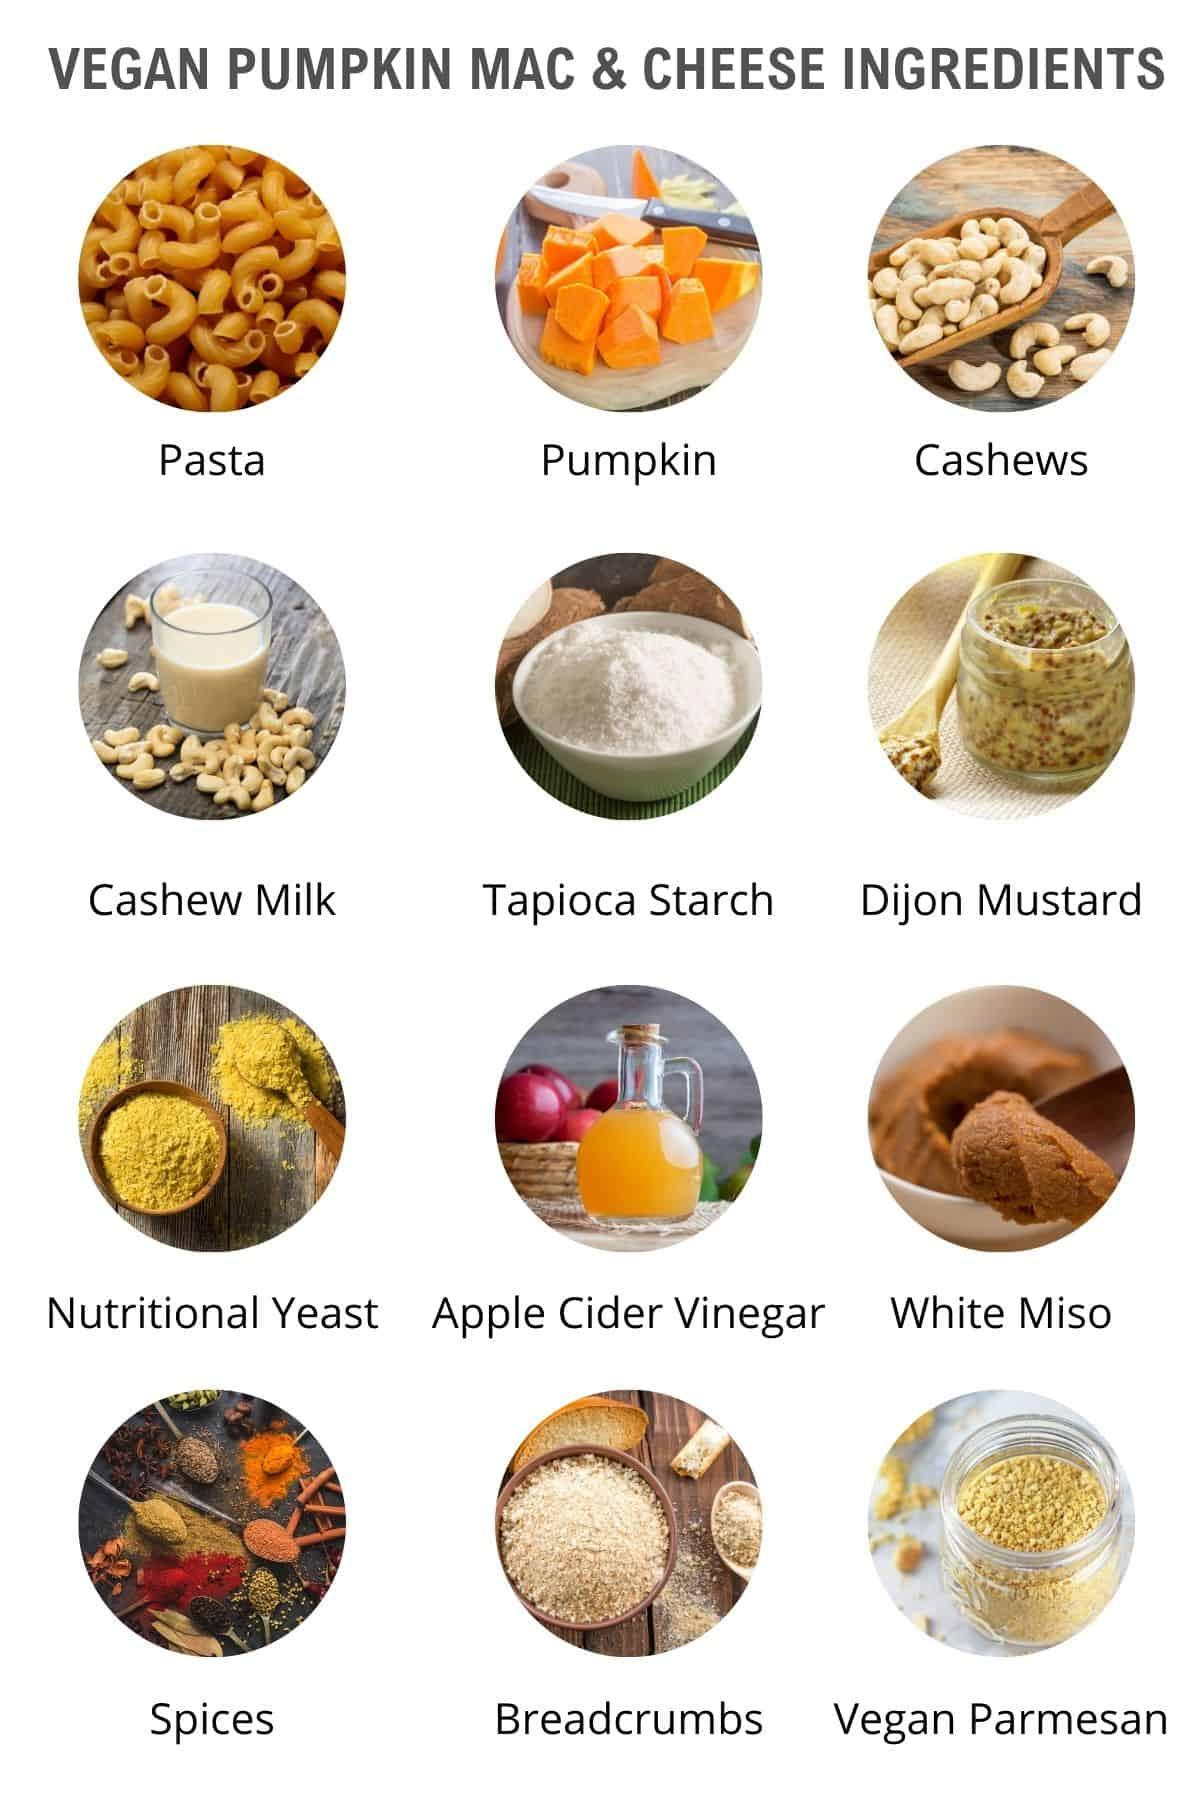 list of vegan pumpkin mac and cheese ingredients